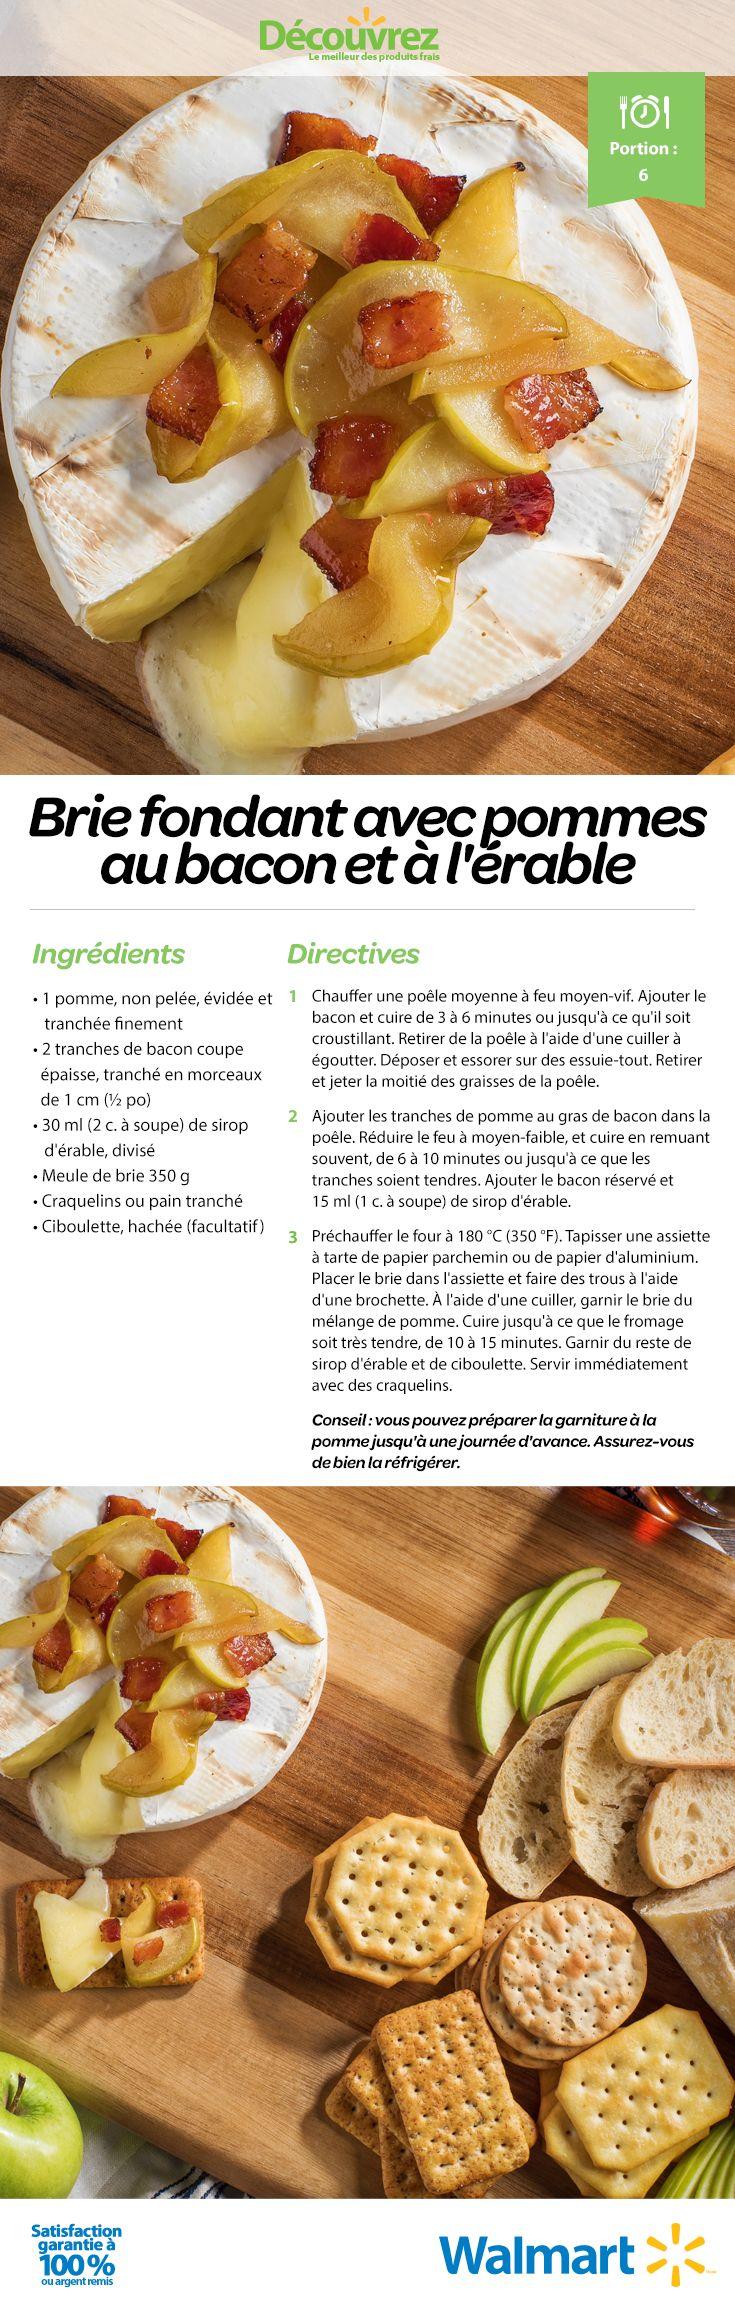 Une entrée savoureuse pour votre repas de l'Action de grâce : un brie fondant avec des pommes et du bacon à l'érable. #RecettesPourLActiondeGrâce